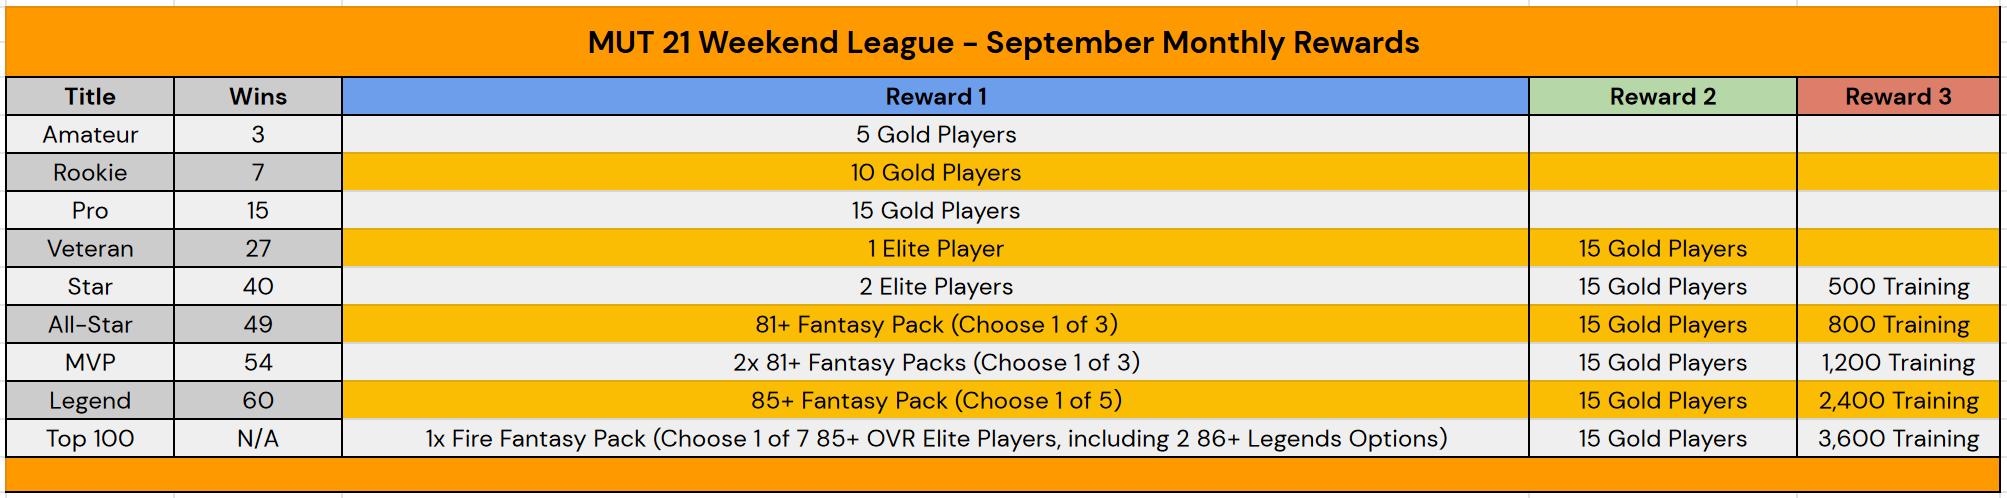 Madden 21 September Weekend League Rewards